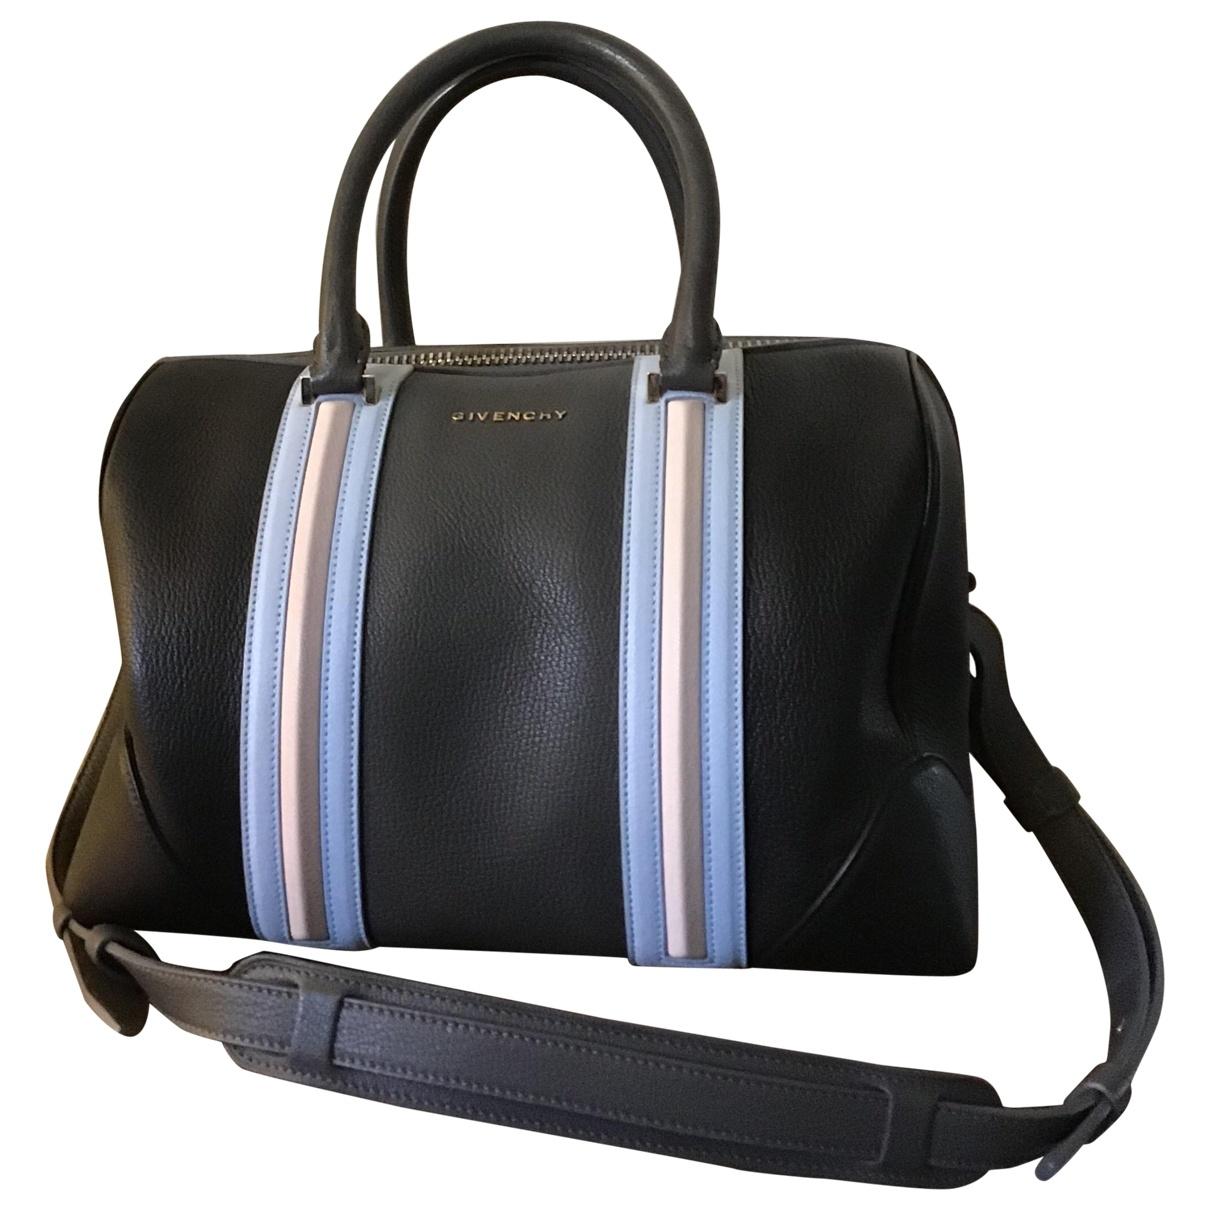 Givenchy - Sac a main Lucrezia pour femme en cuir - multicolore